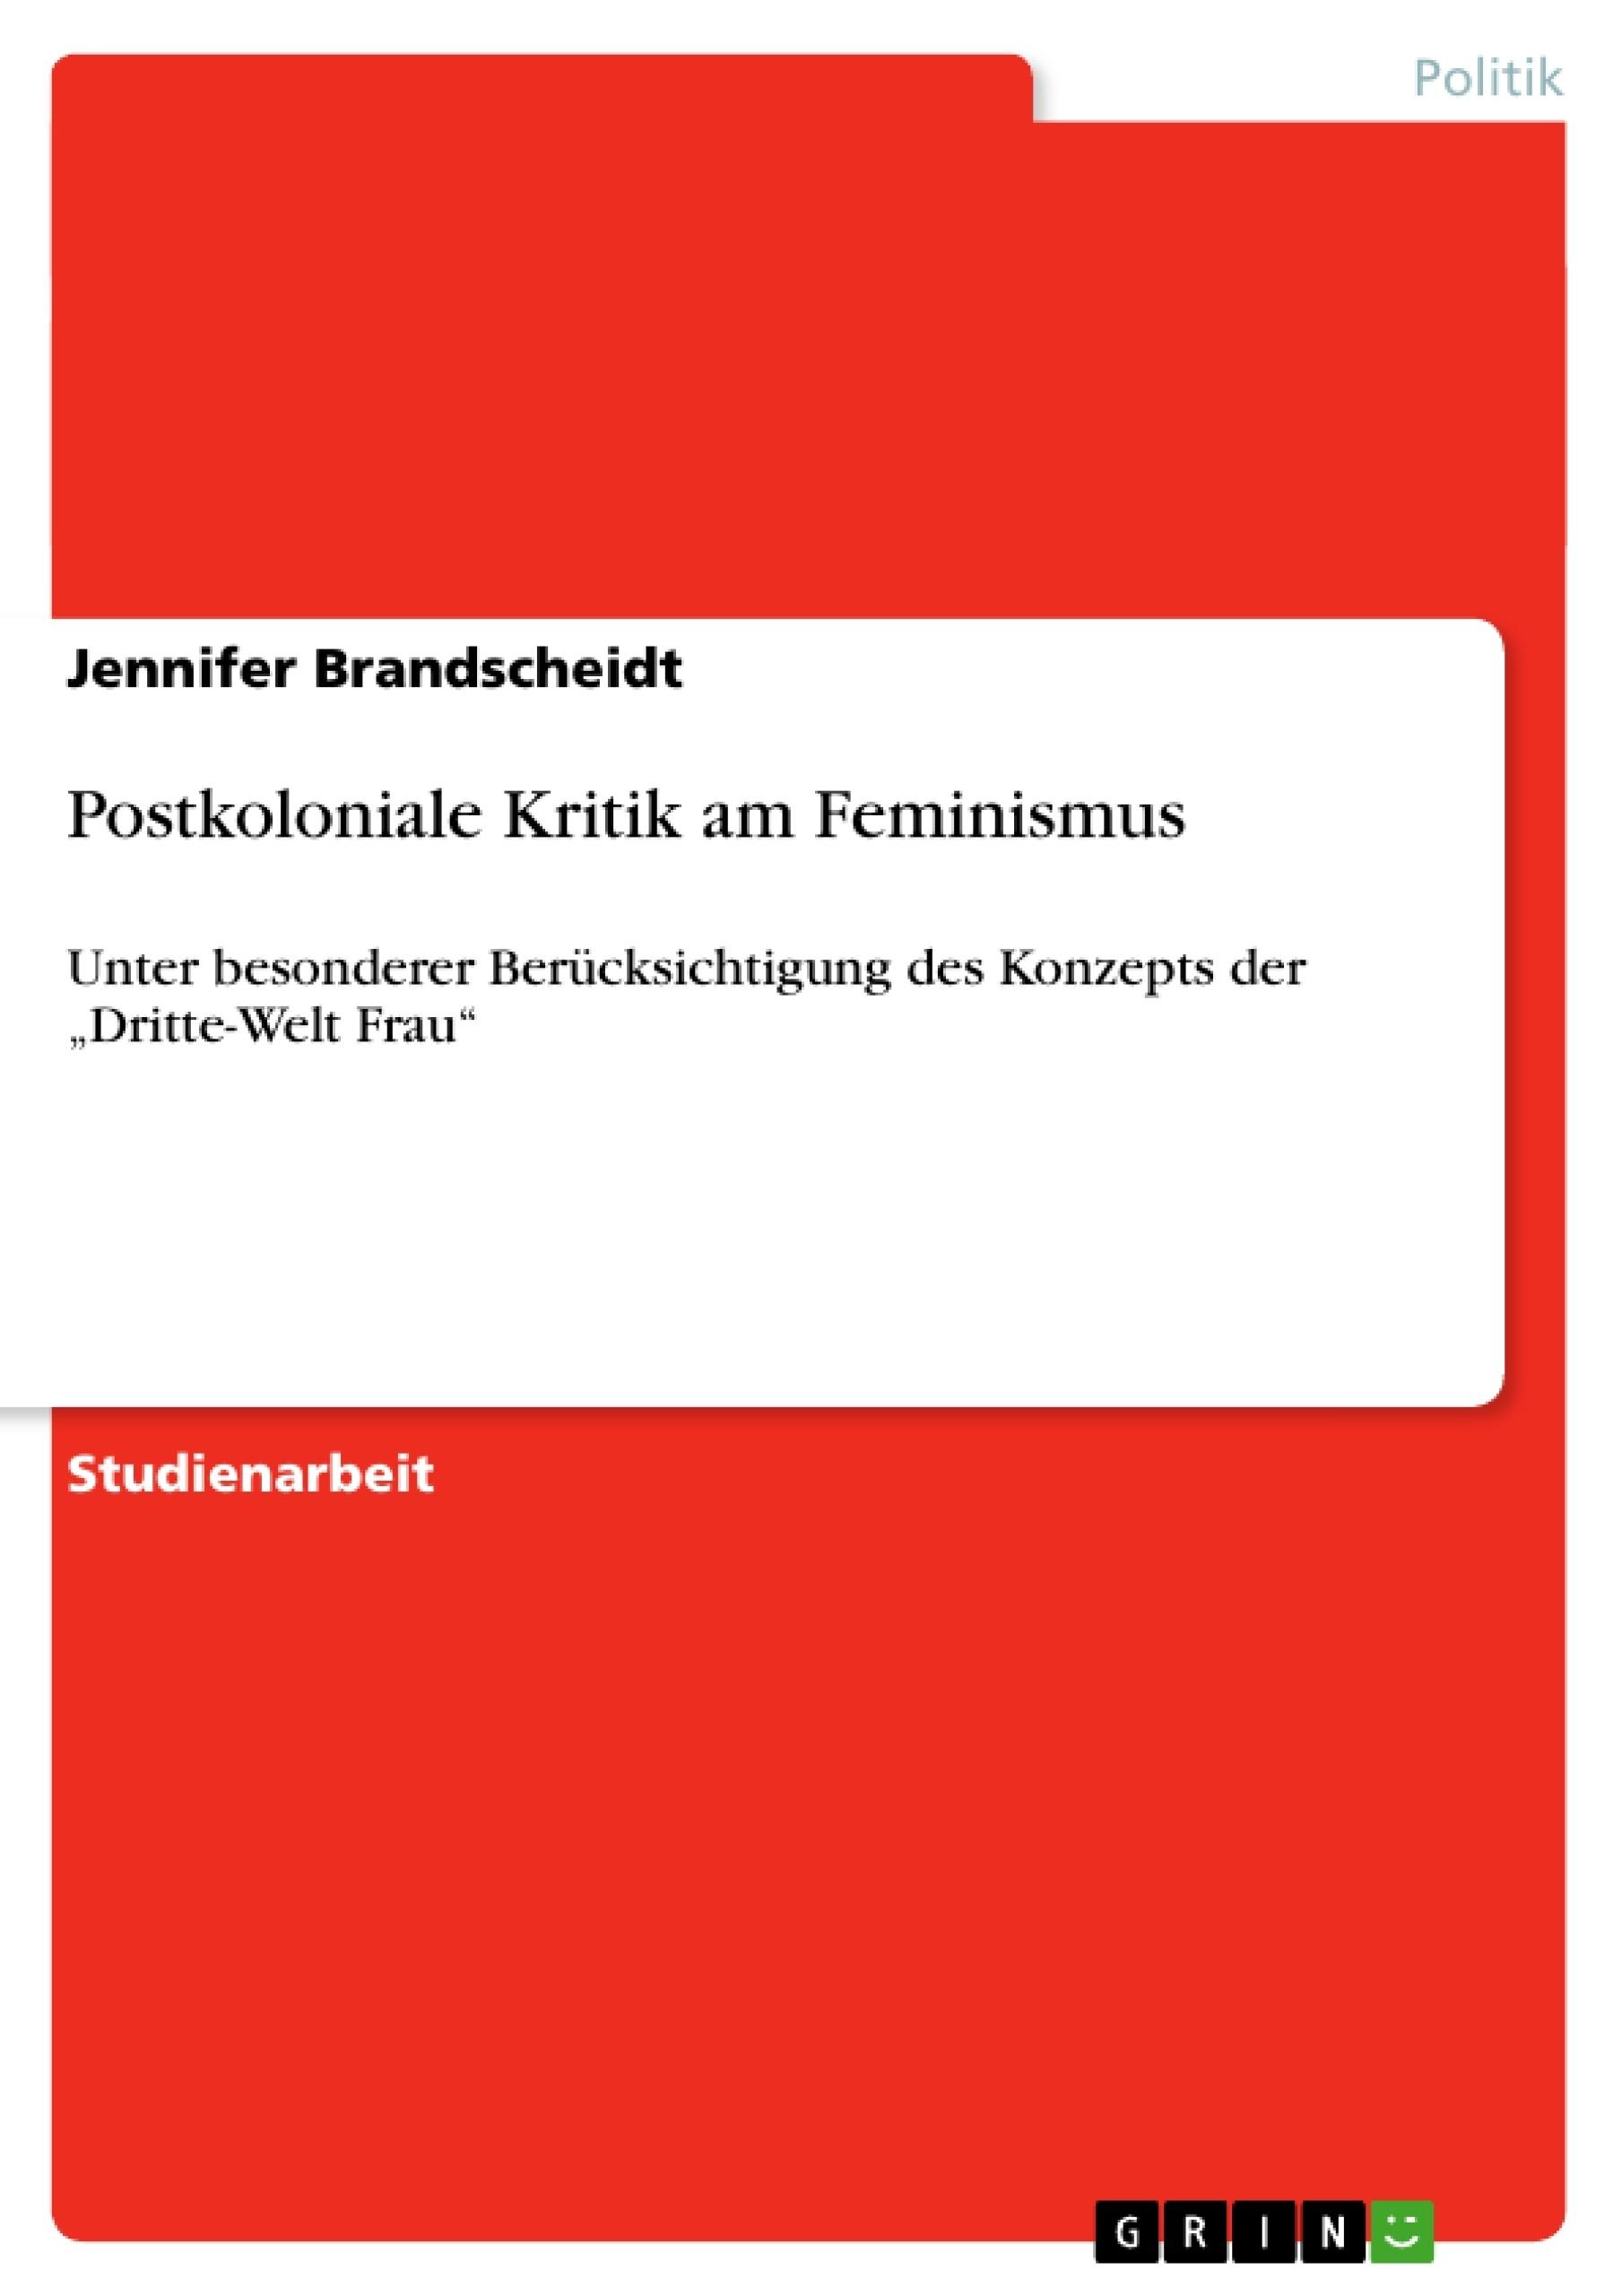 Titel: Postkoloniale Kritik am Feminismus